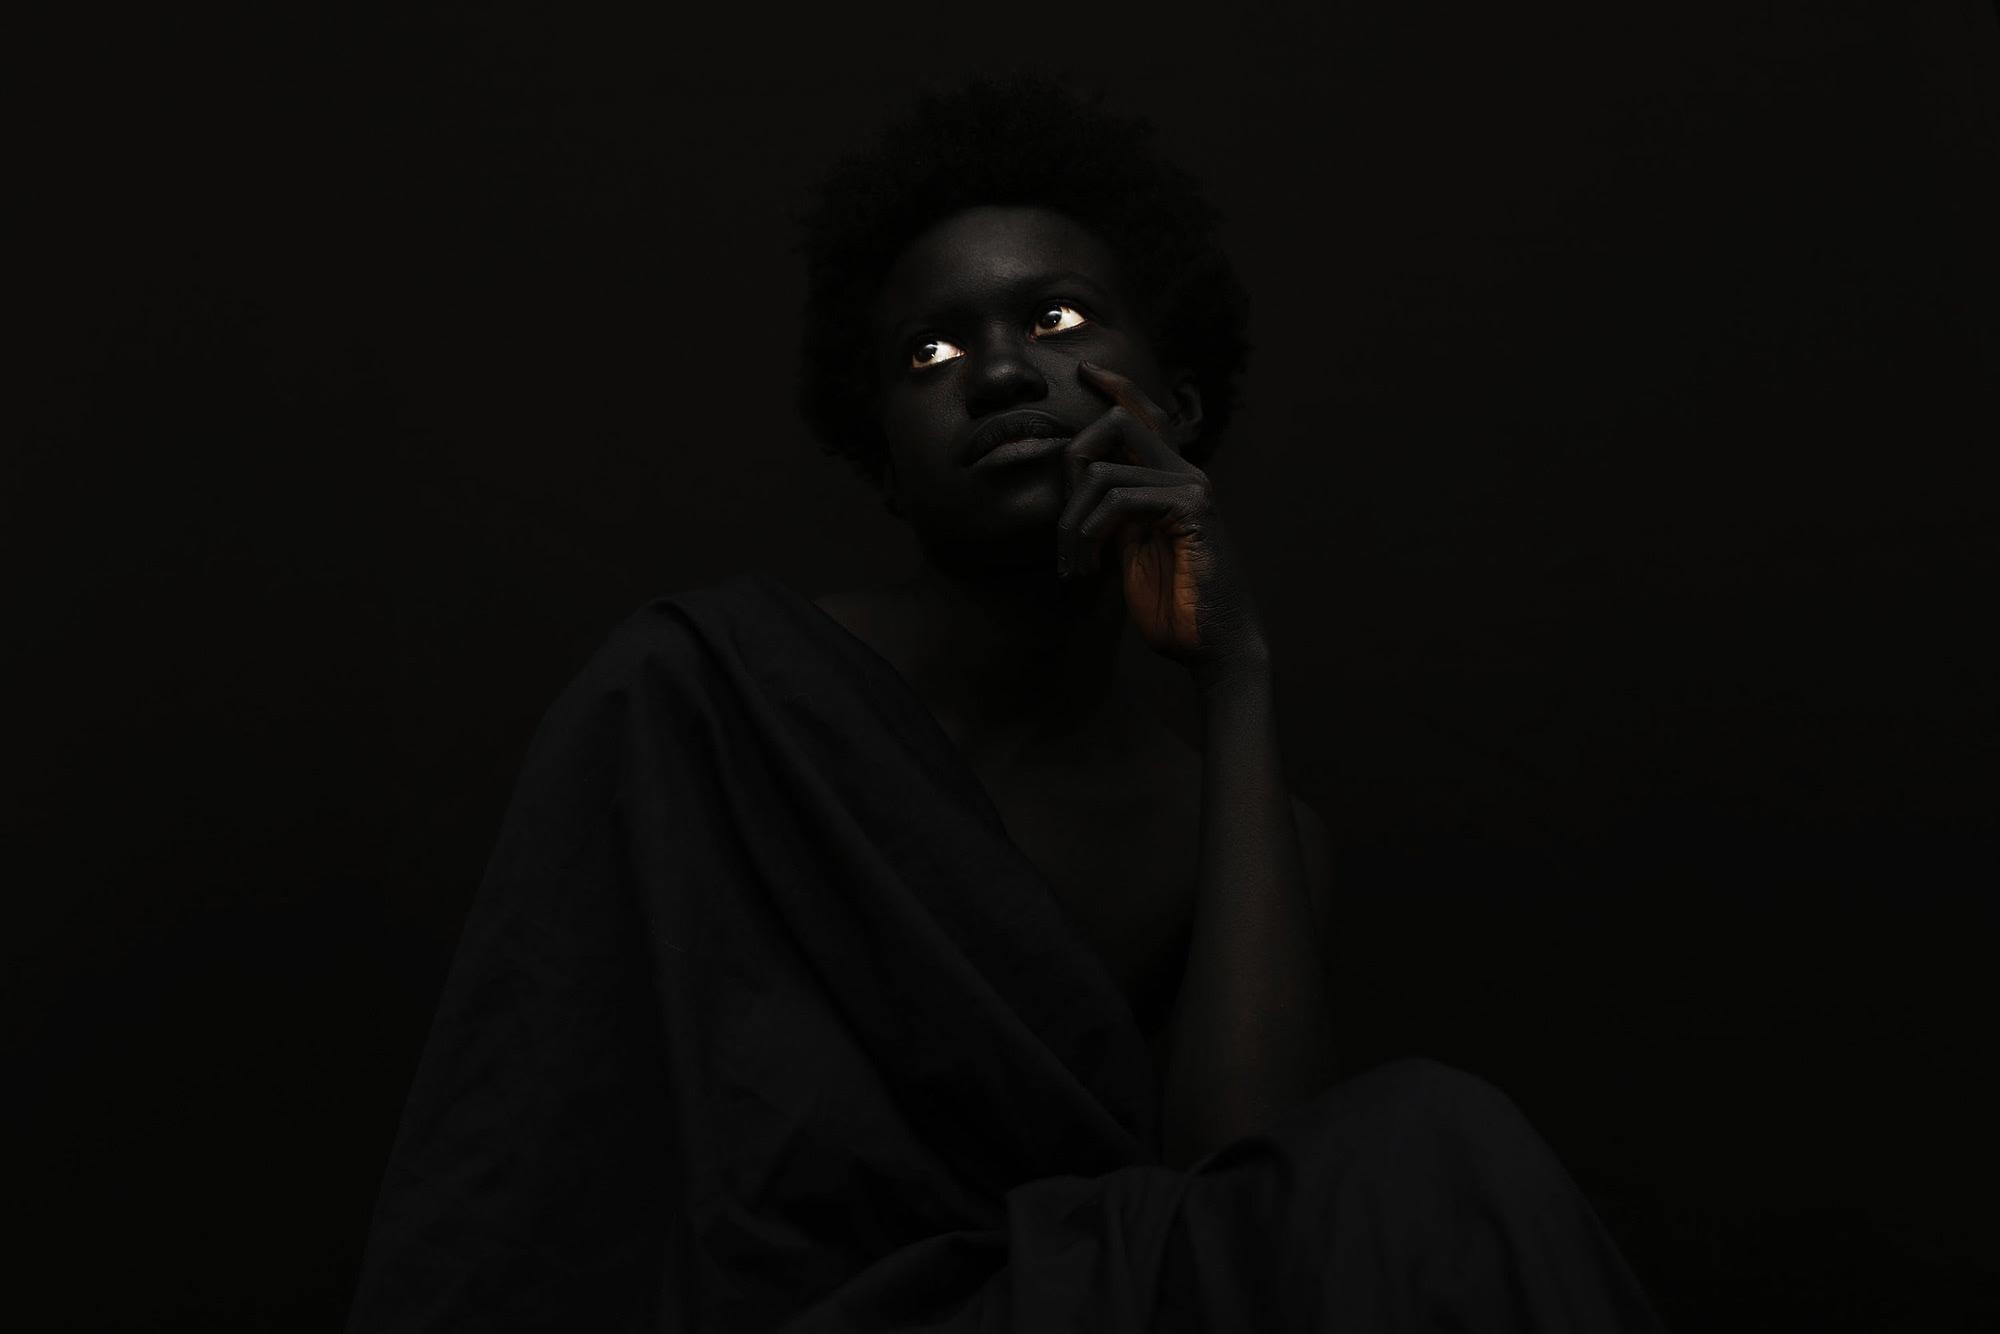 """Imágenes de la serie """"The Darkest Color"""", fotografiada por Yannis Davy Guibinga, con Tania Fines y Madjou Diallo, y con bodypainting de Jean Guy Leclerc.  Todas las imágenes a través de Yannis Davy Guibinga."""